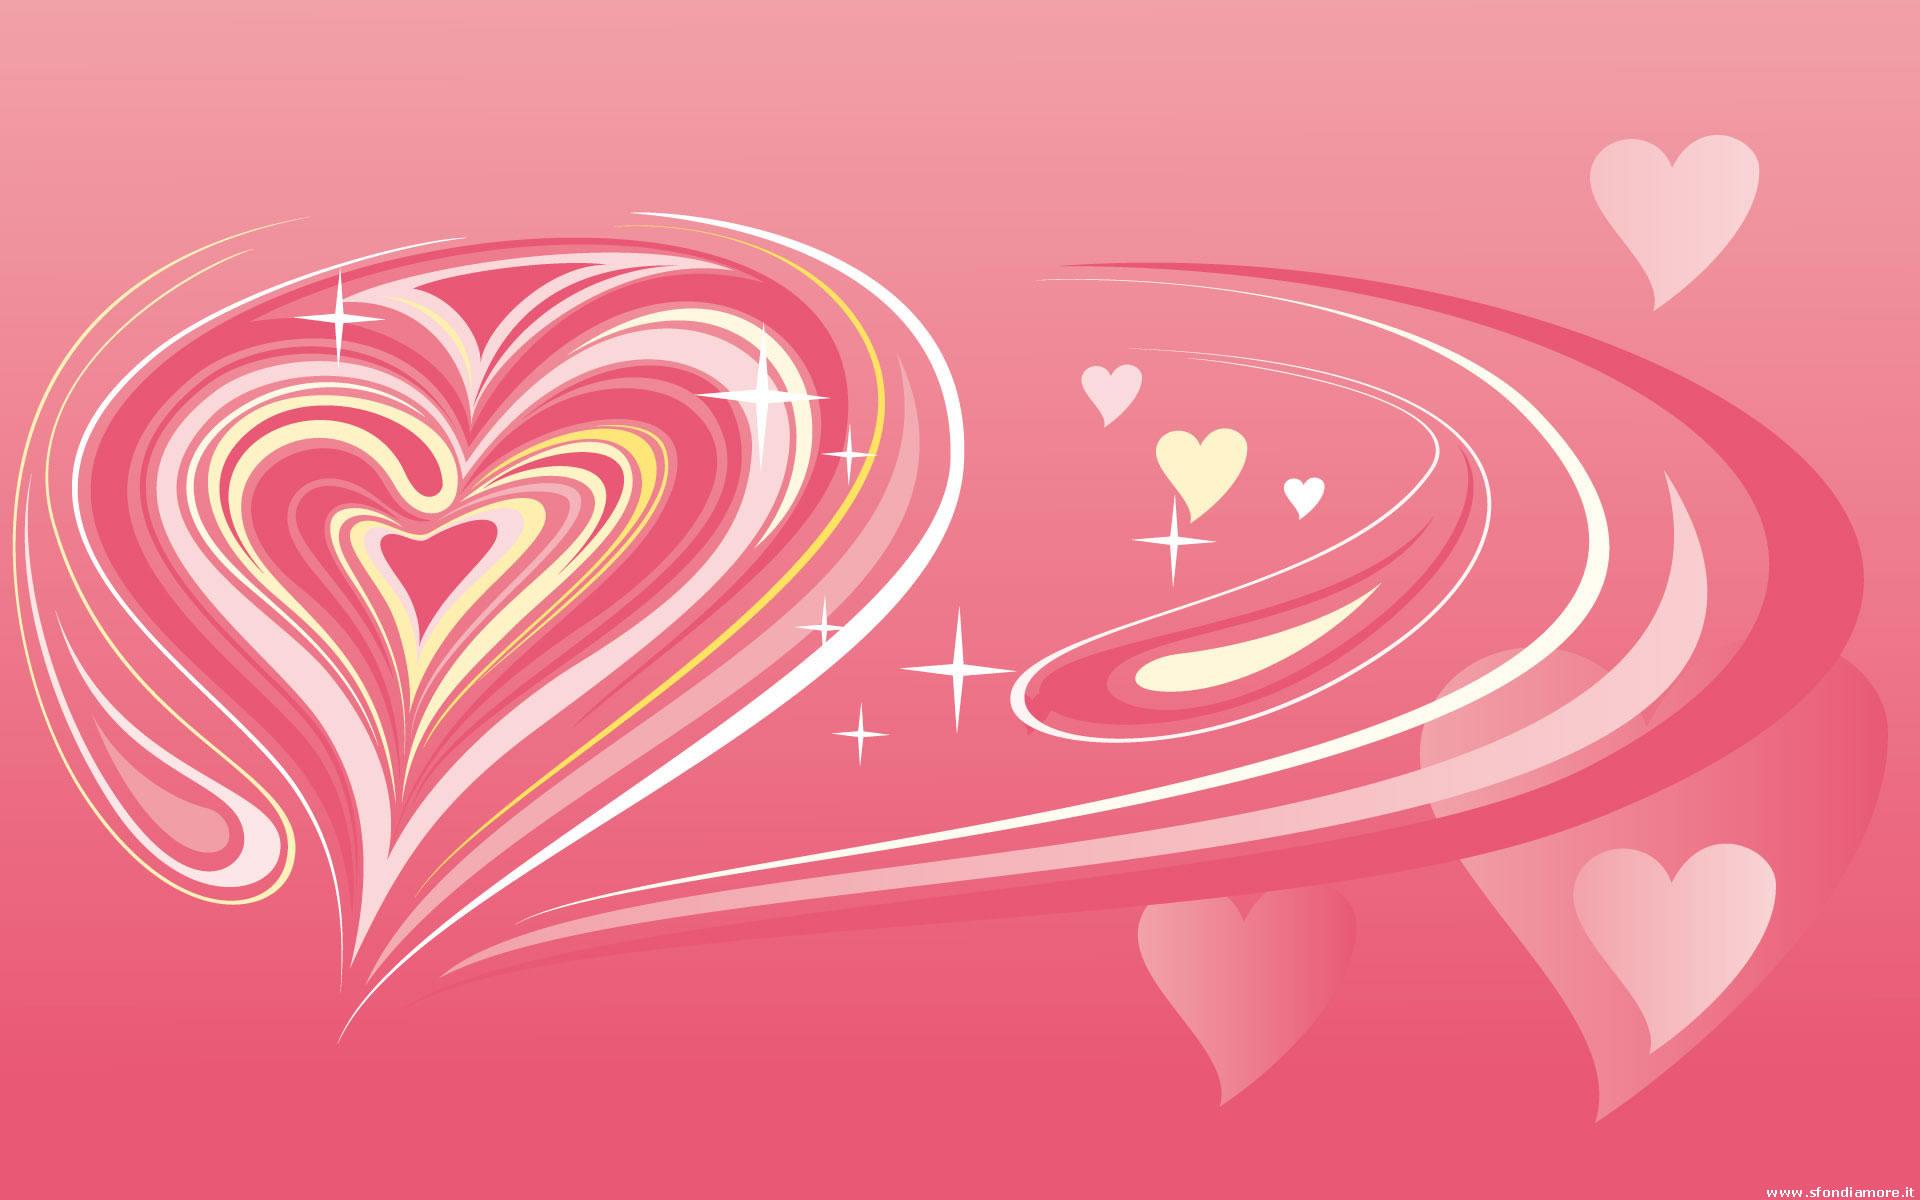 Amore sarà sempre ben gradito, perché è un regalo d'amore fatto con